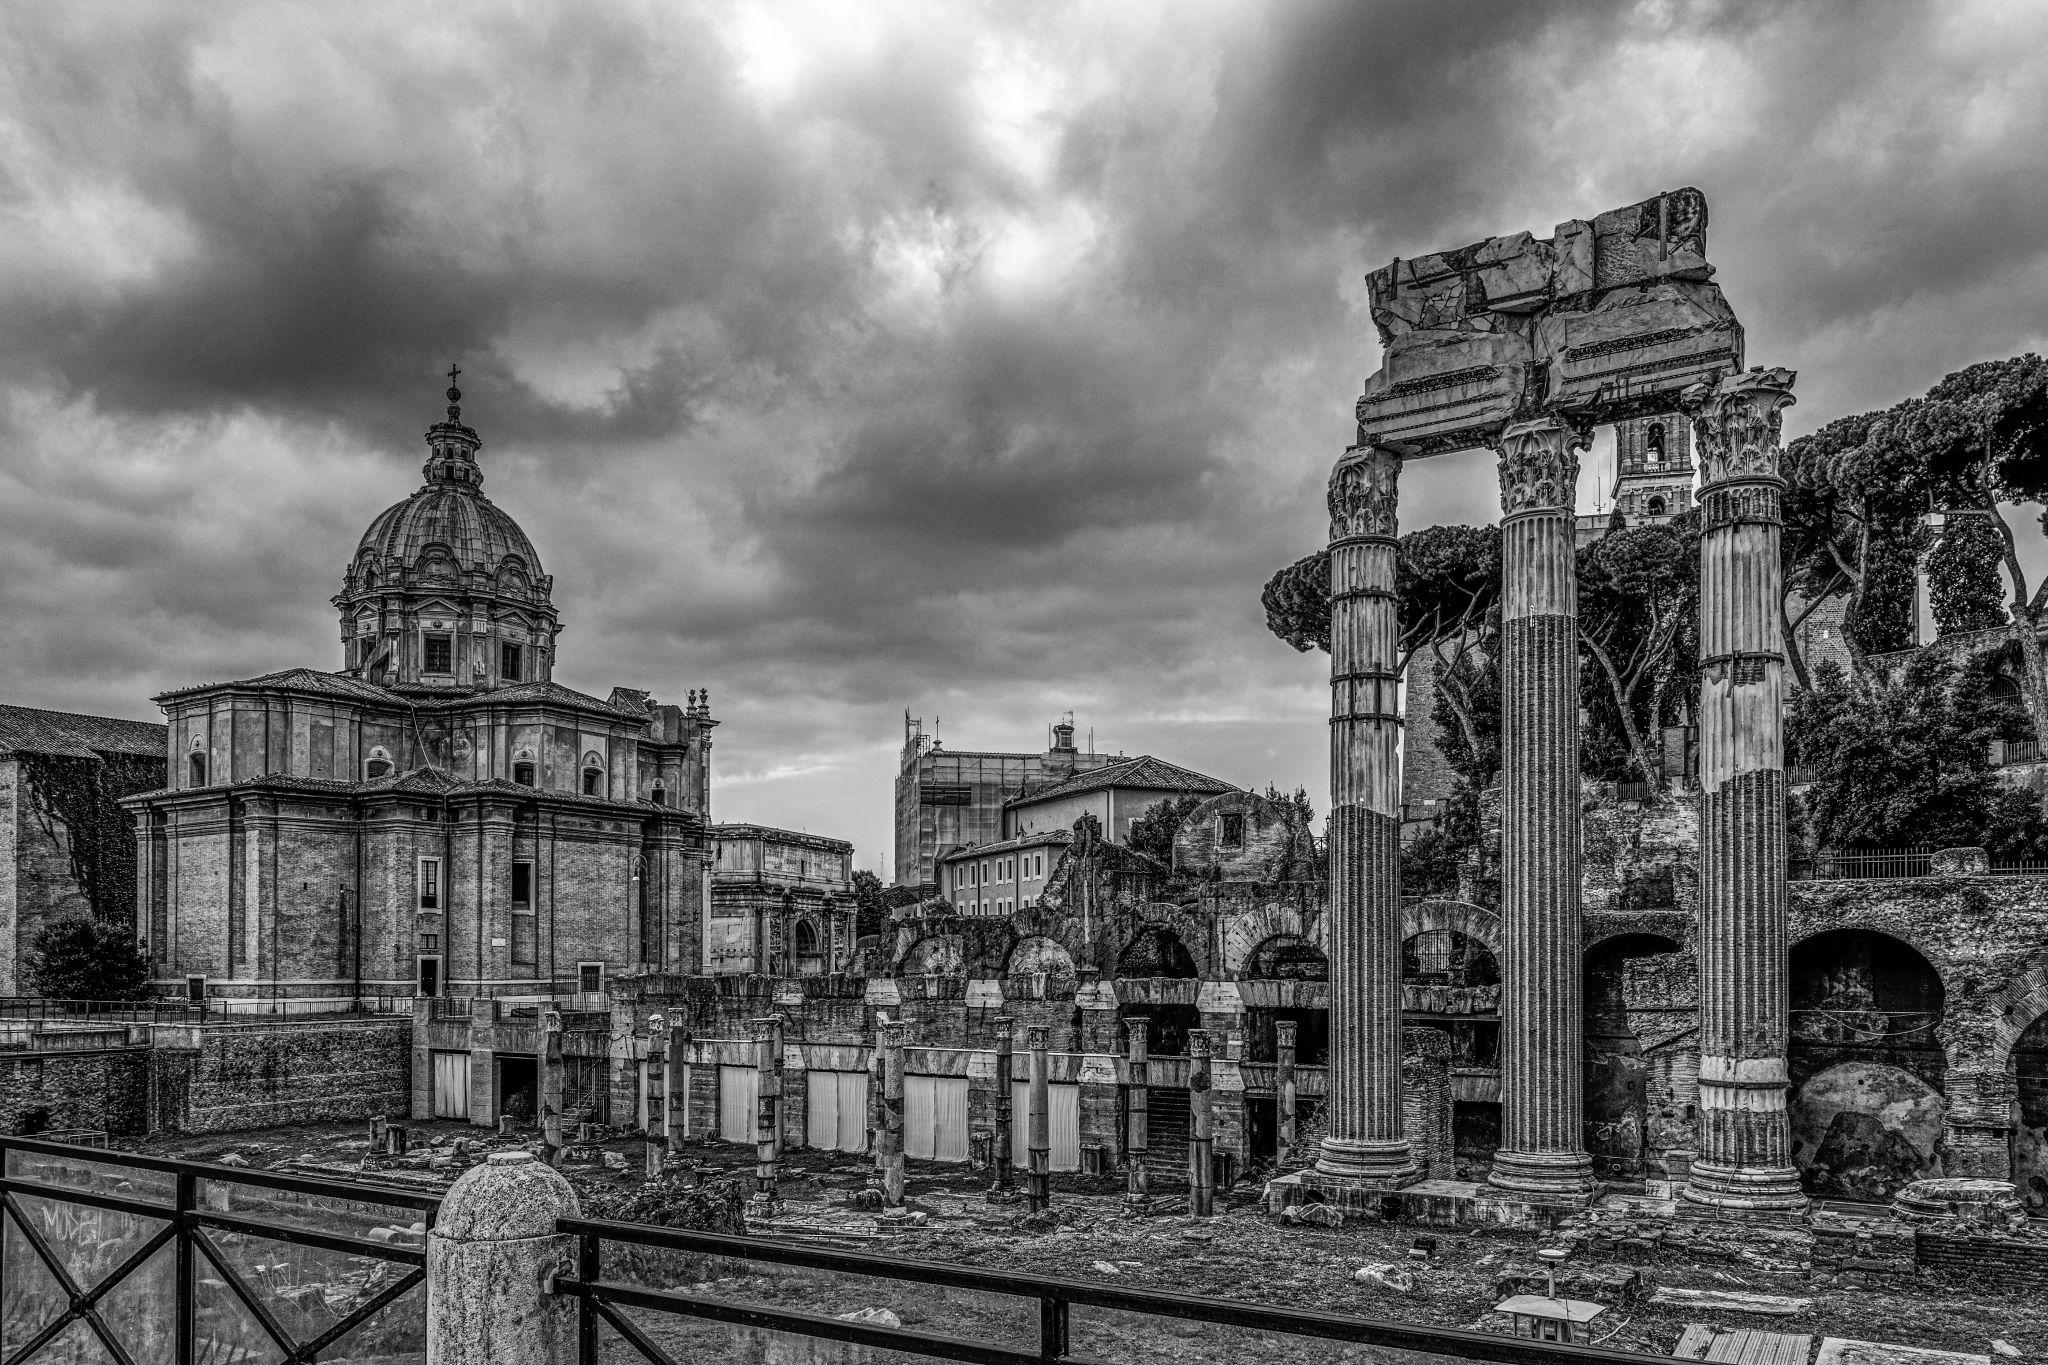 Forum of Caesar, Italy